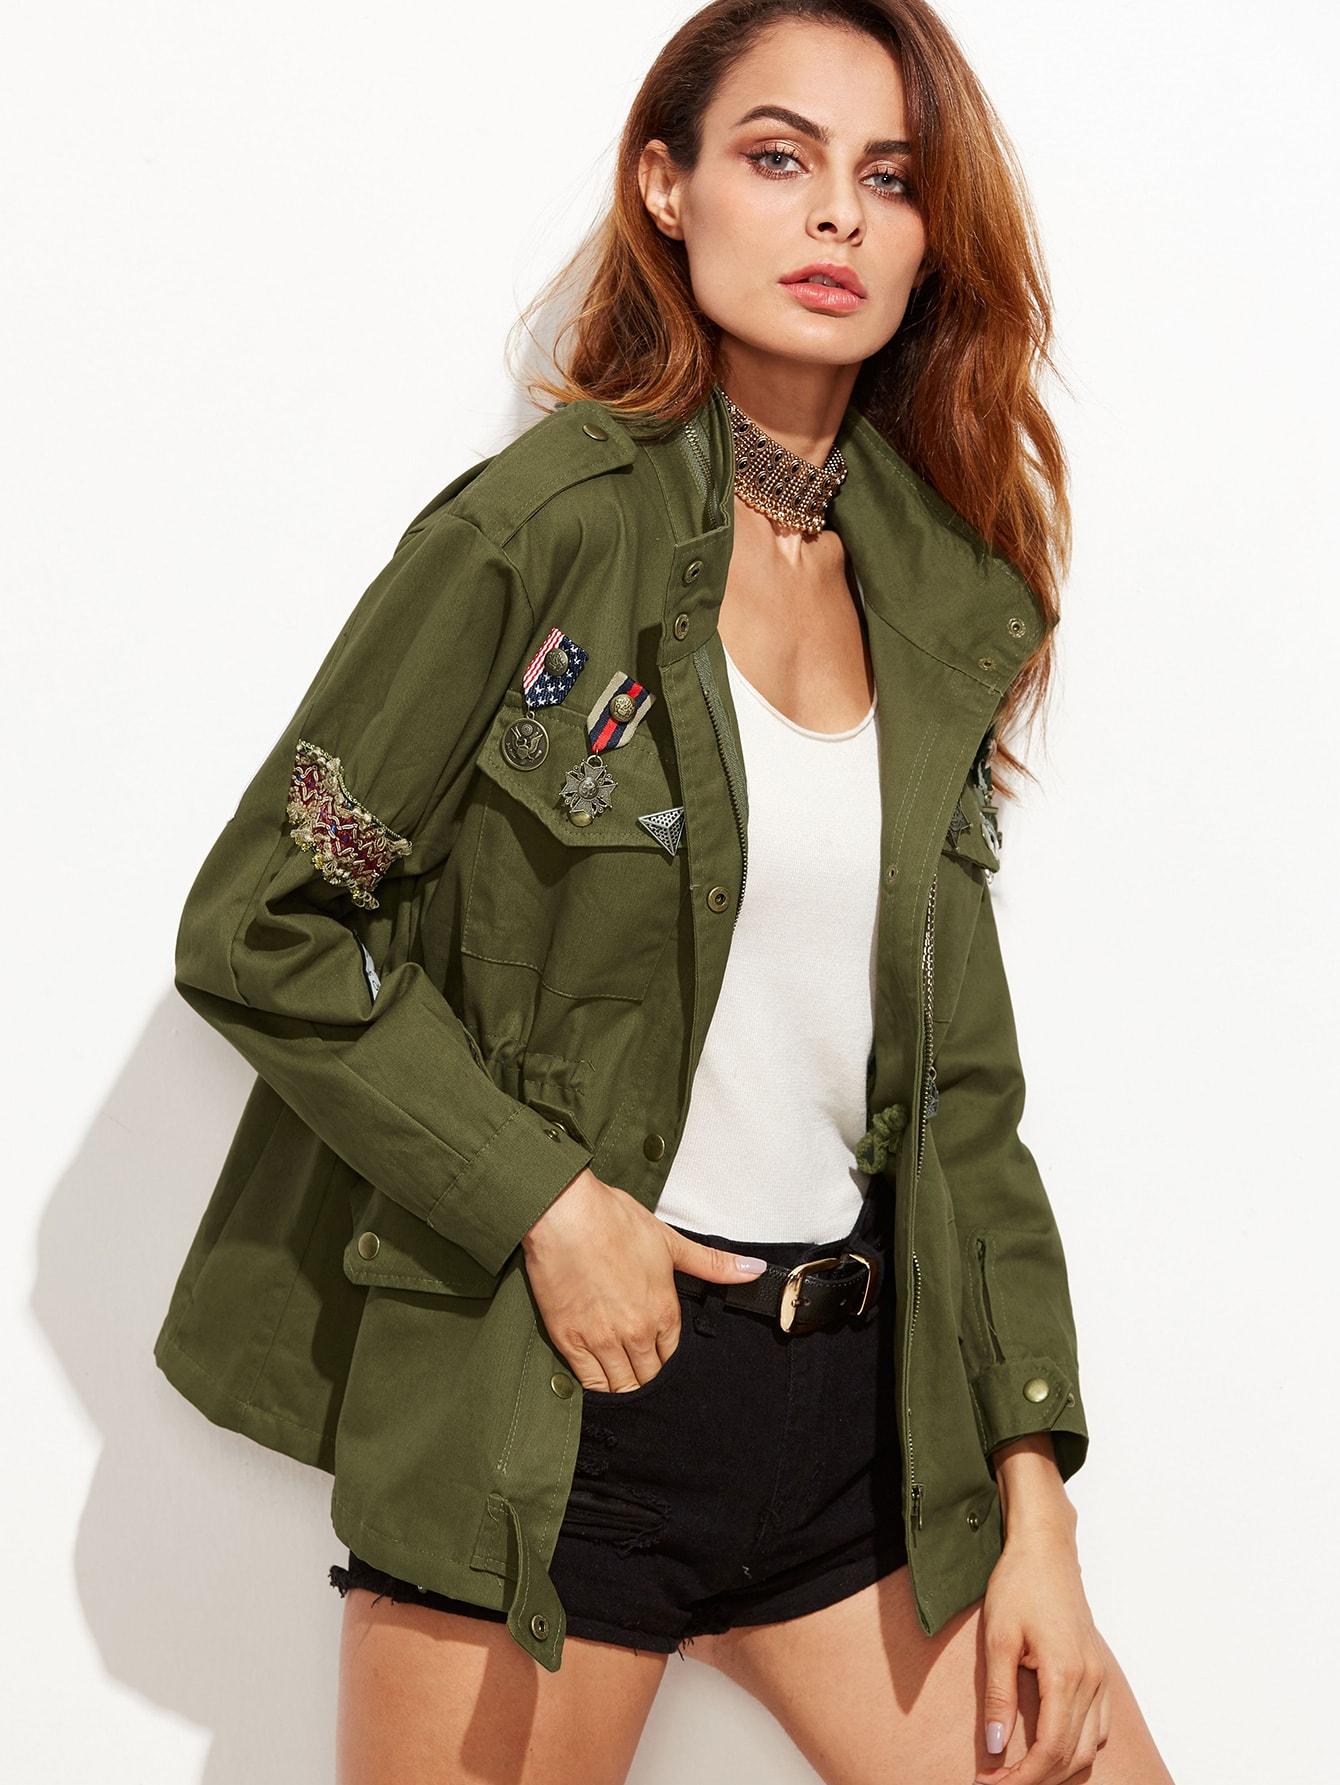 Зеленый Значок Армии Украшенные Карманный Пальто